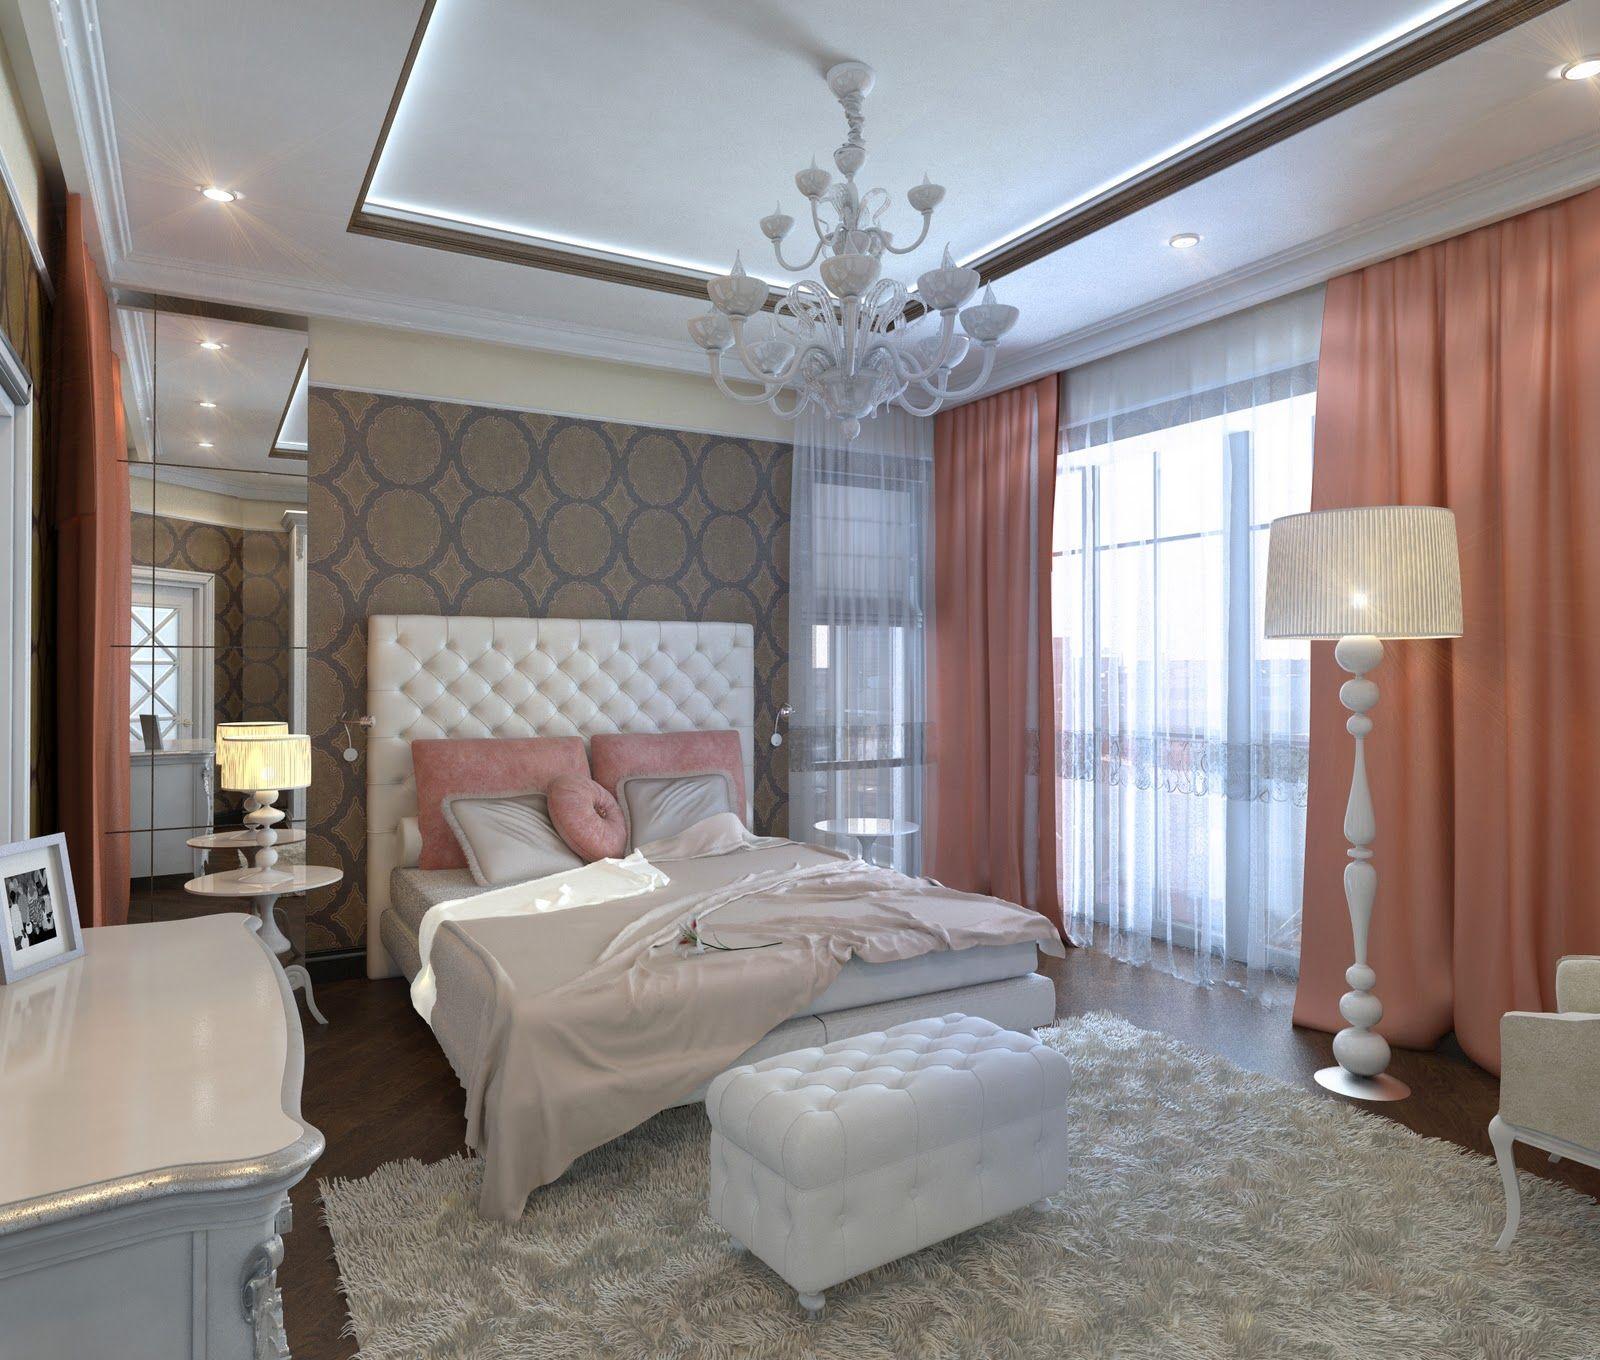 art of bedroom